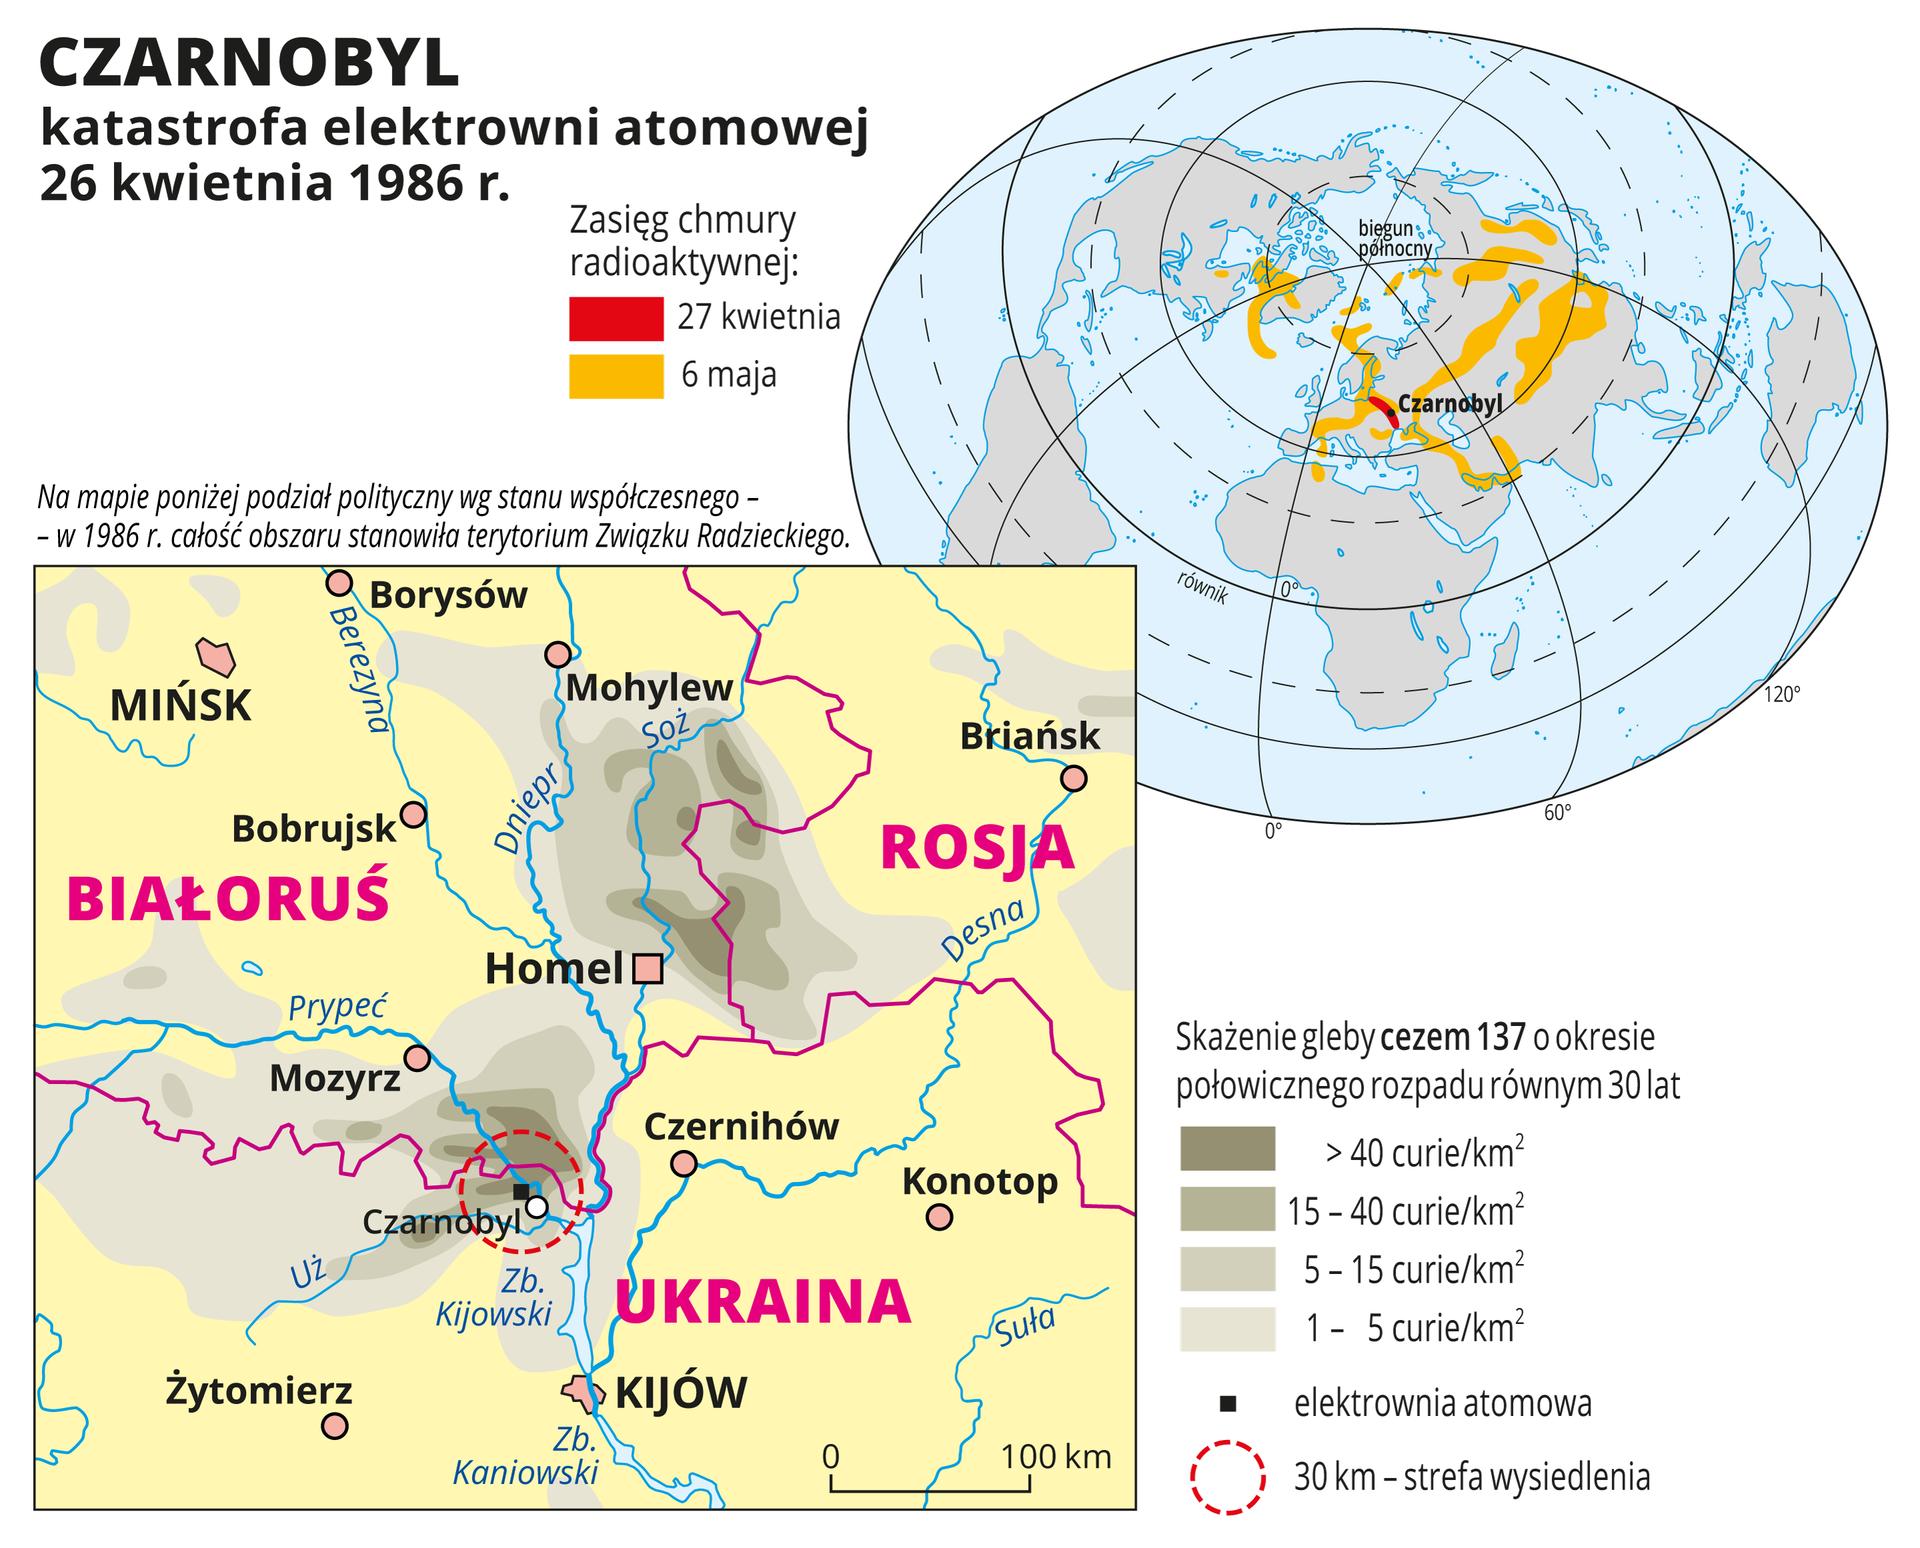 Ilustracja zawiera mapę okolic Czarnobyla na Ukrainie zzaznaczonym kolorowymi plamami skażeniem gleby cezem 137. Od najciemniejszego wCzarnobylu do najjaśniejszego wpromieniu trzystu kilometrów od miejsca katastrofy. Na drugiej mapie – mapie świata – zasięg chmury radioaktywnej wdniu wybuchu – wokolicach Czarnobyla idziesięć dni później – północna, środkowa iwschodnia Azja oraz Grenlandia ipółnocne krańce Ameryki Północnej.